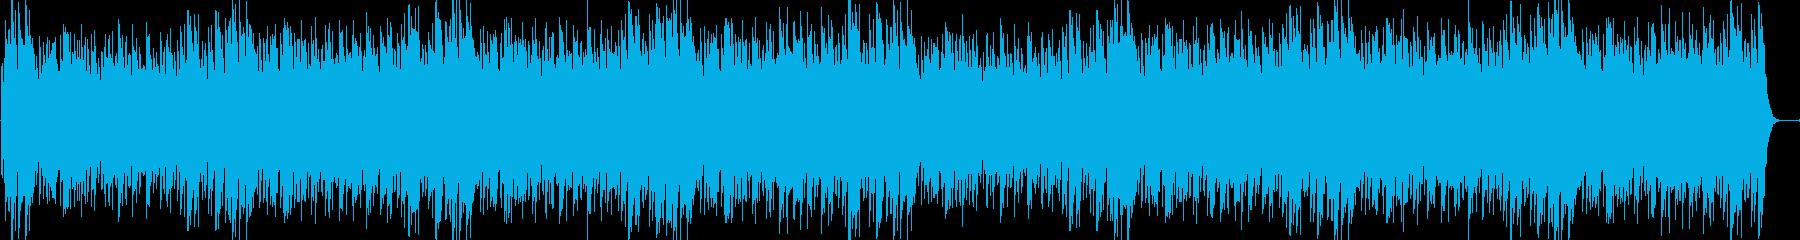 オーケストラ広大自然宇宙の再生済みの波形